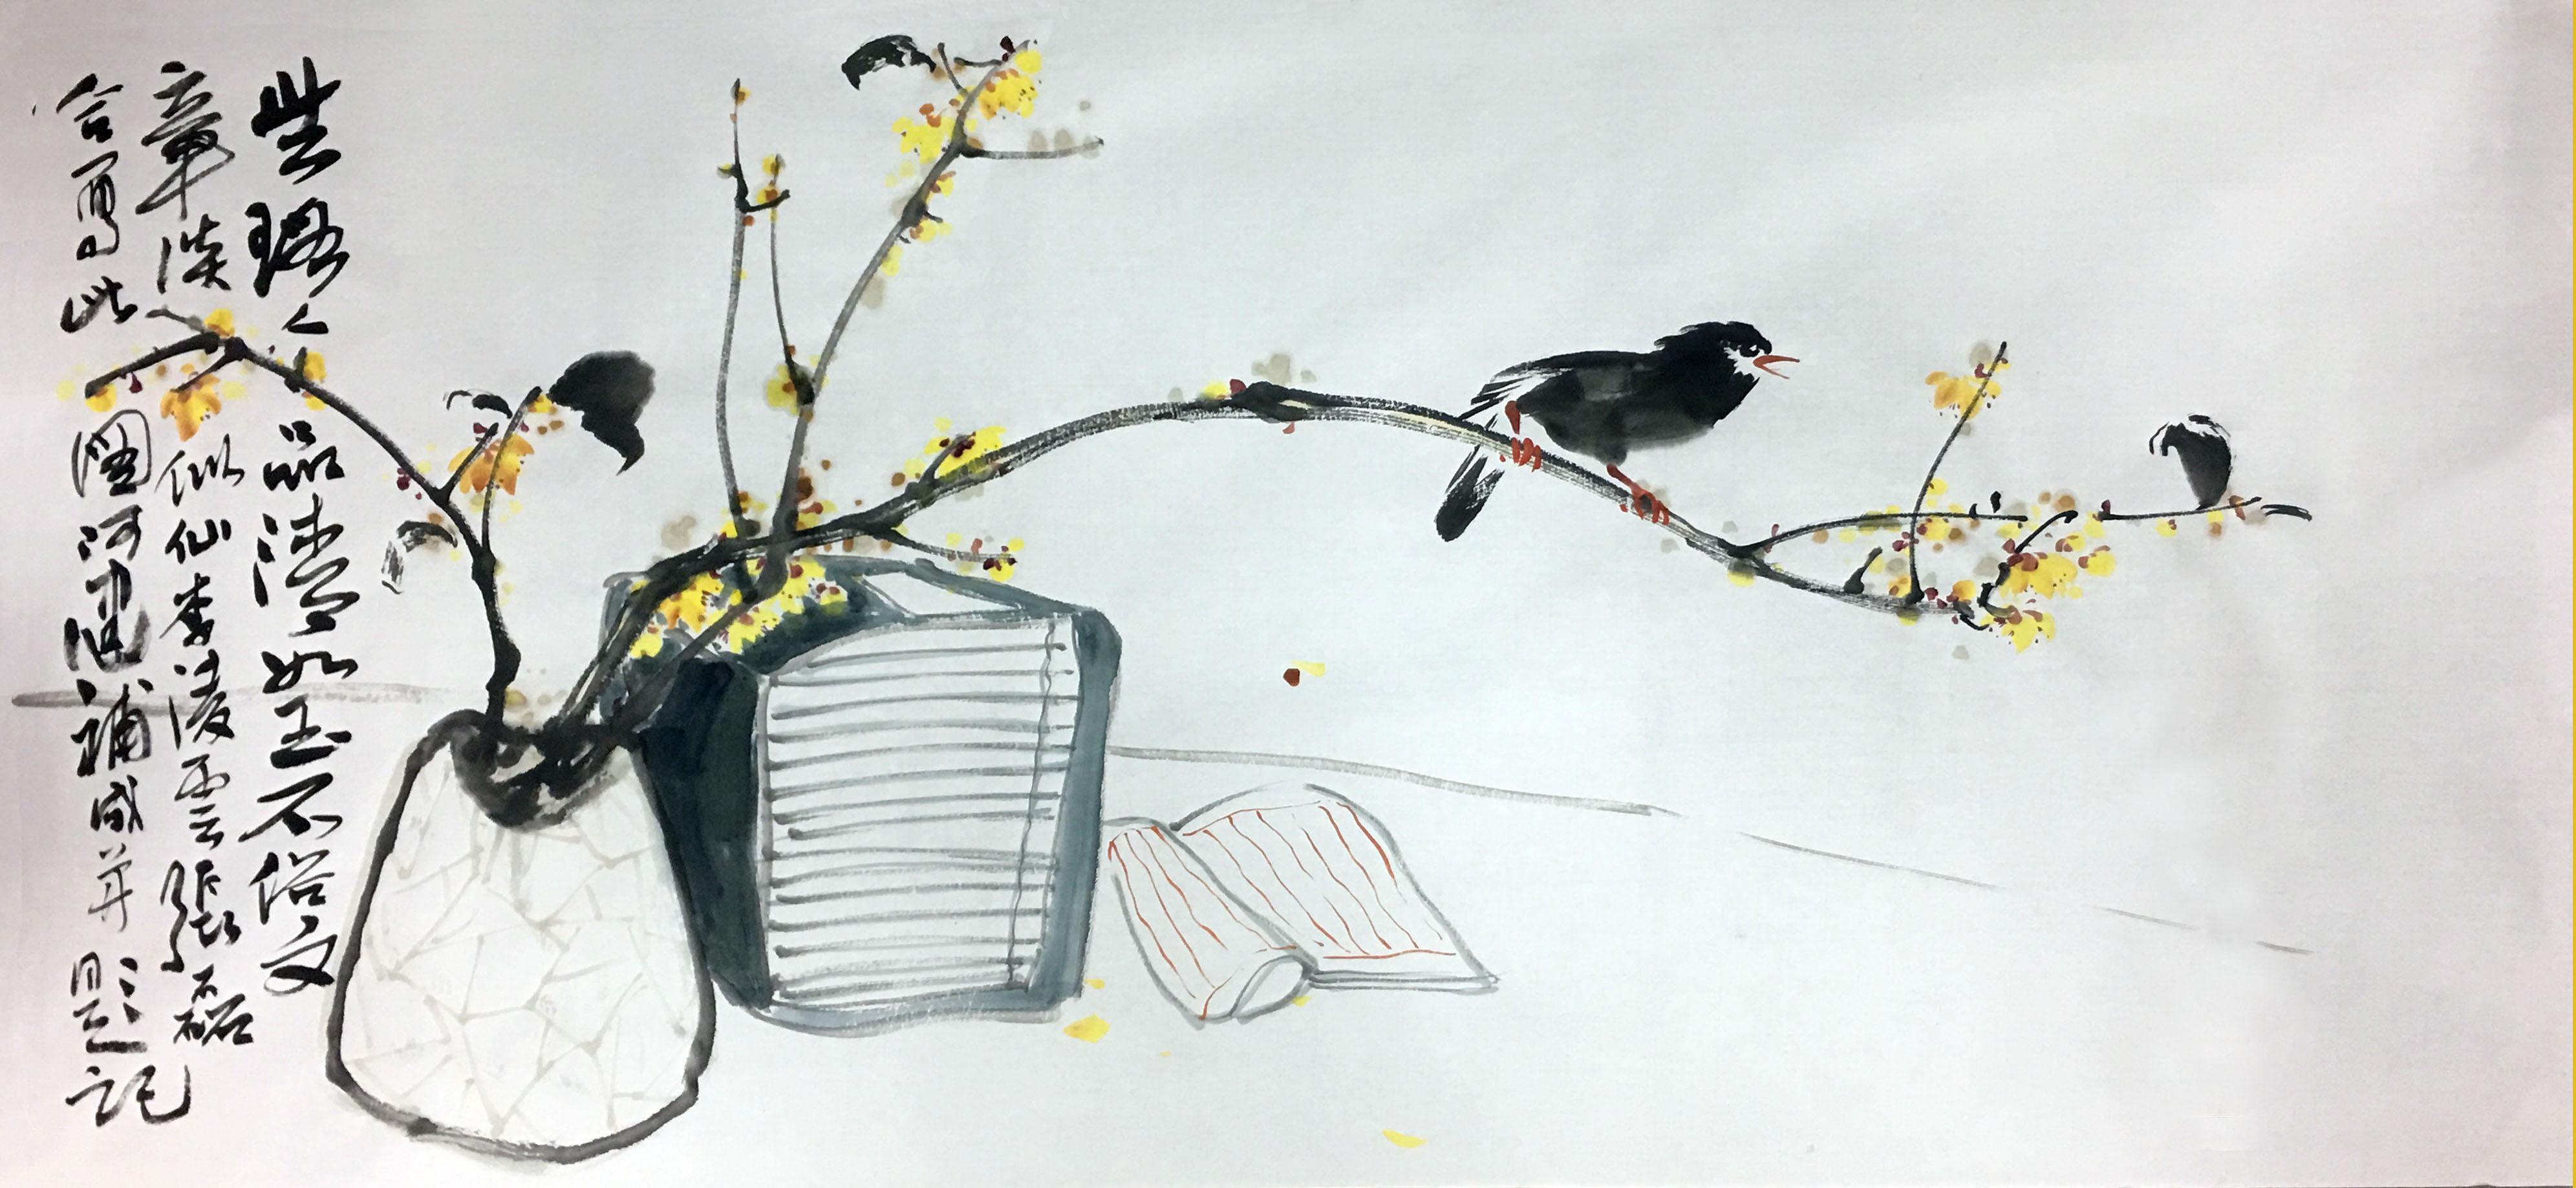 东方vwin德赢娱乐官网团队与当代书画名家陈健先生共同探讨美学话题